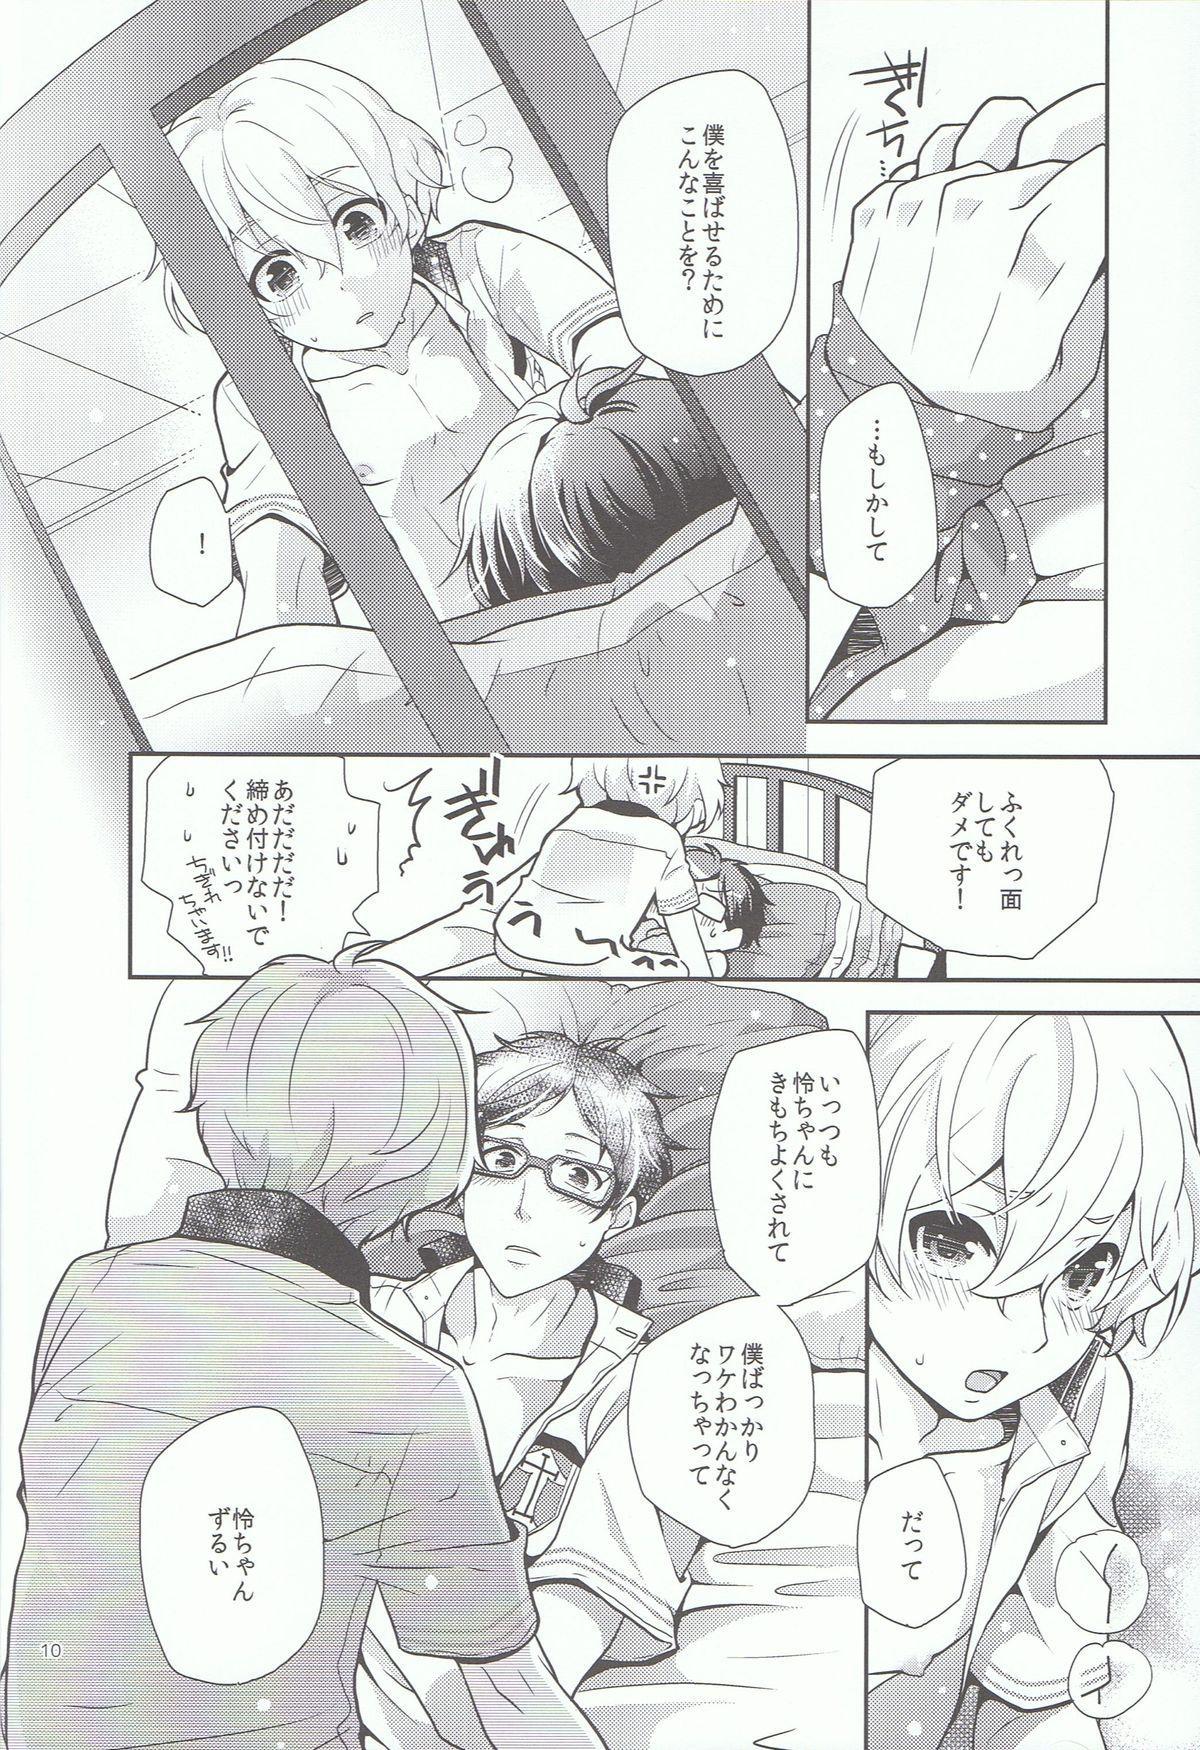 Kimi to Issho nara Itsudemo Kimochi ga Ii. 8